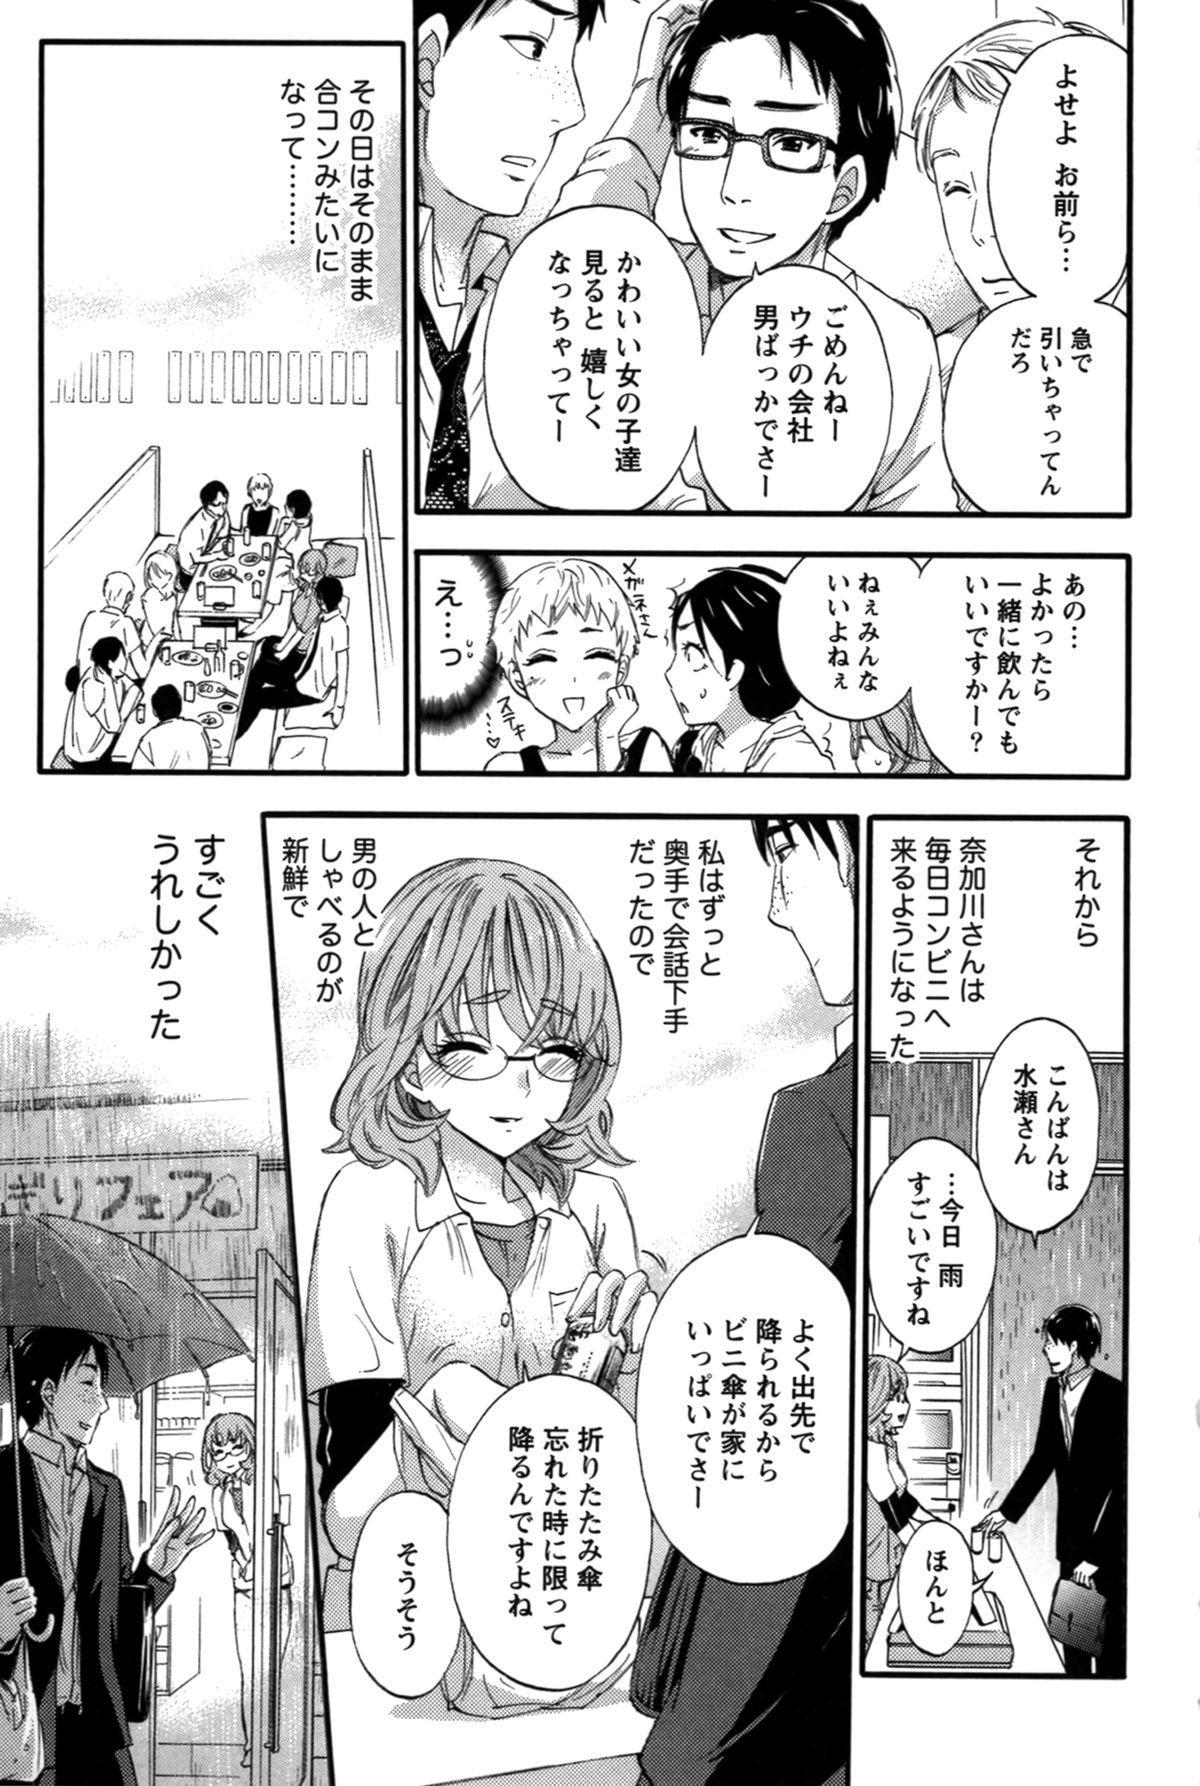 Anata to Watashi wa Warukunai 69